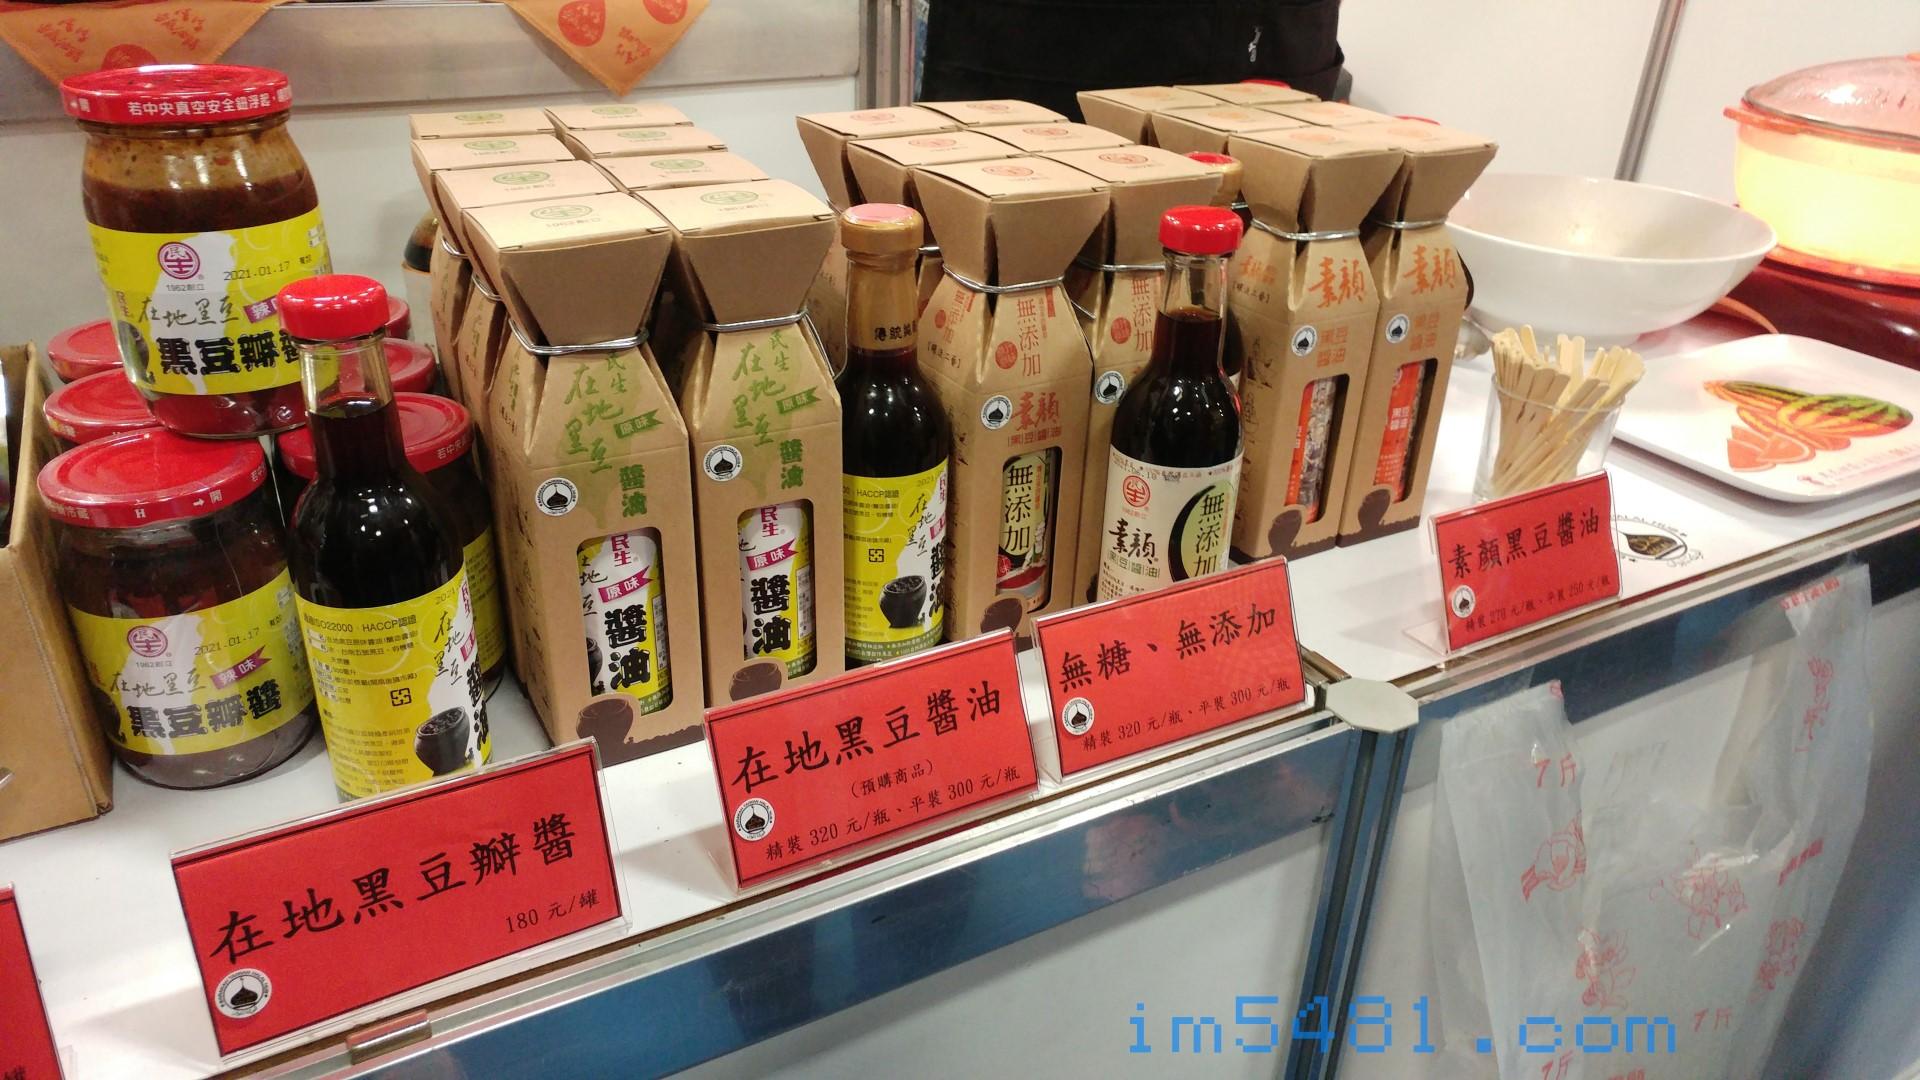 民生醬油新產品 :『在地黑豆瓣醬』、 『在地黑豆醬油』、『無糖無添加醬油』、『素顏黑豆醬油』